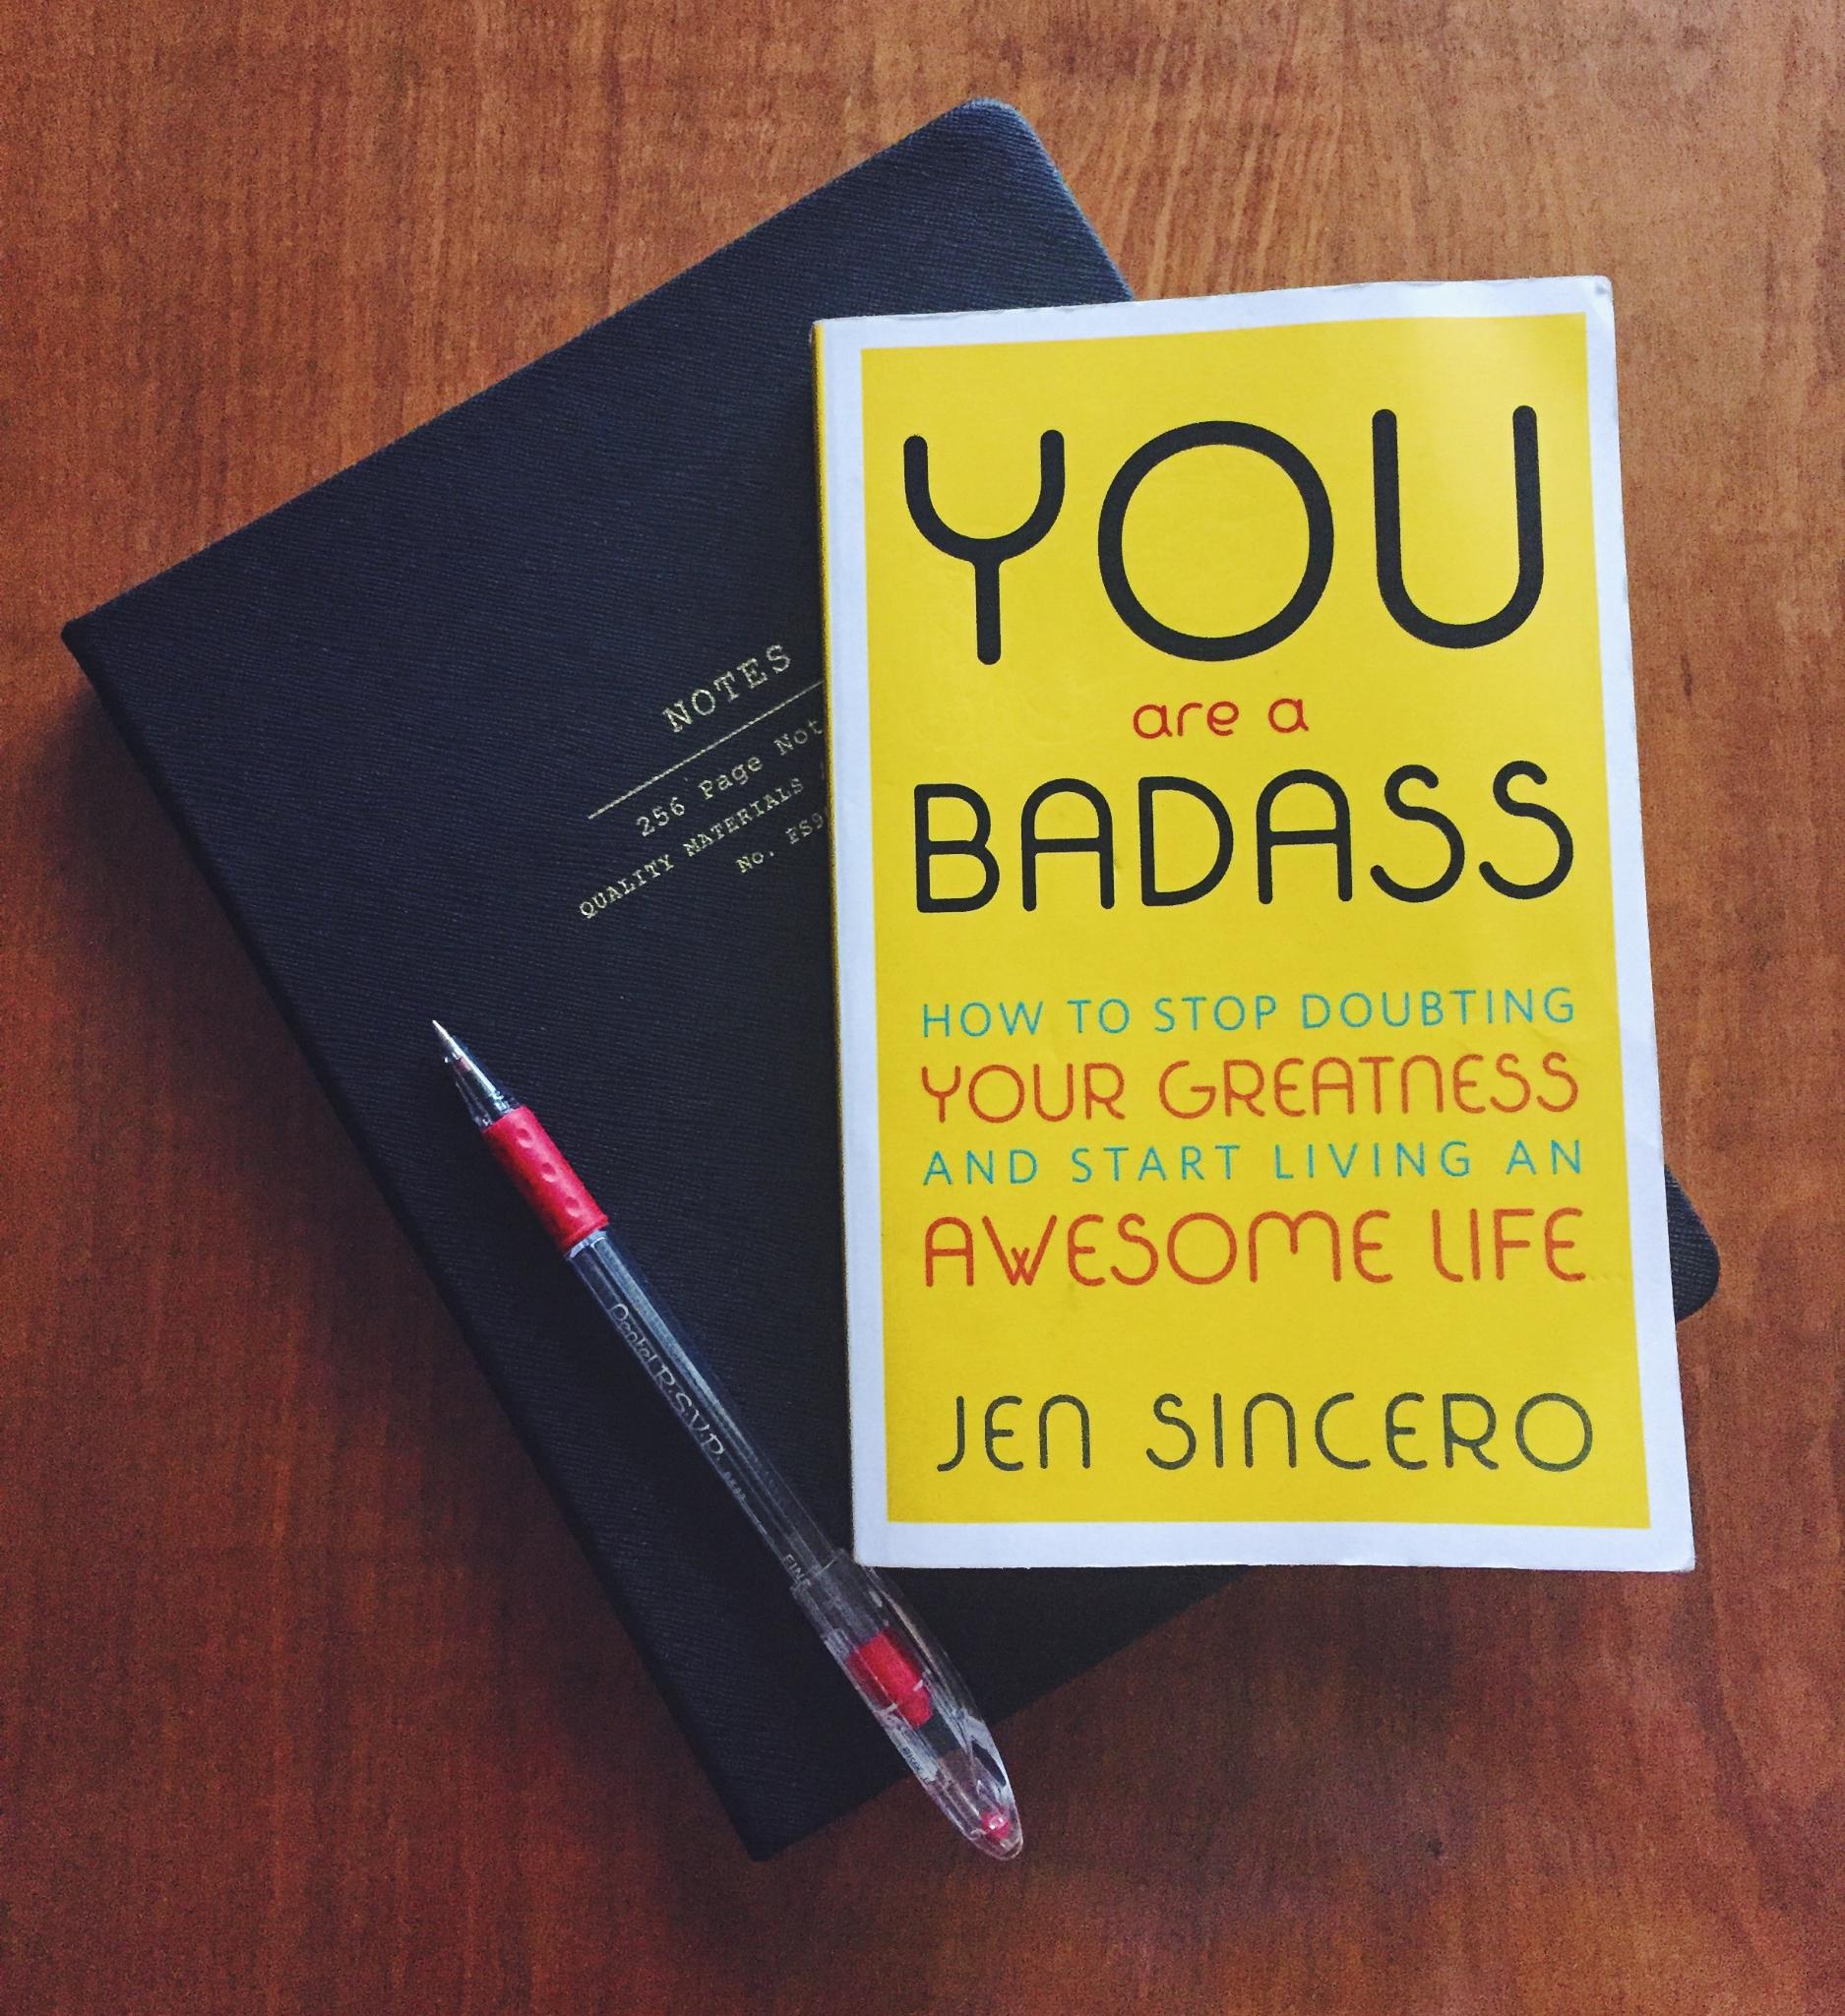 badass book.JPG